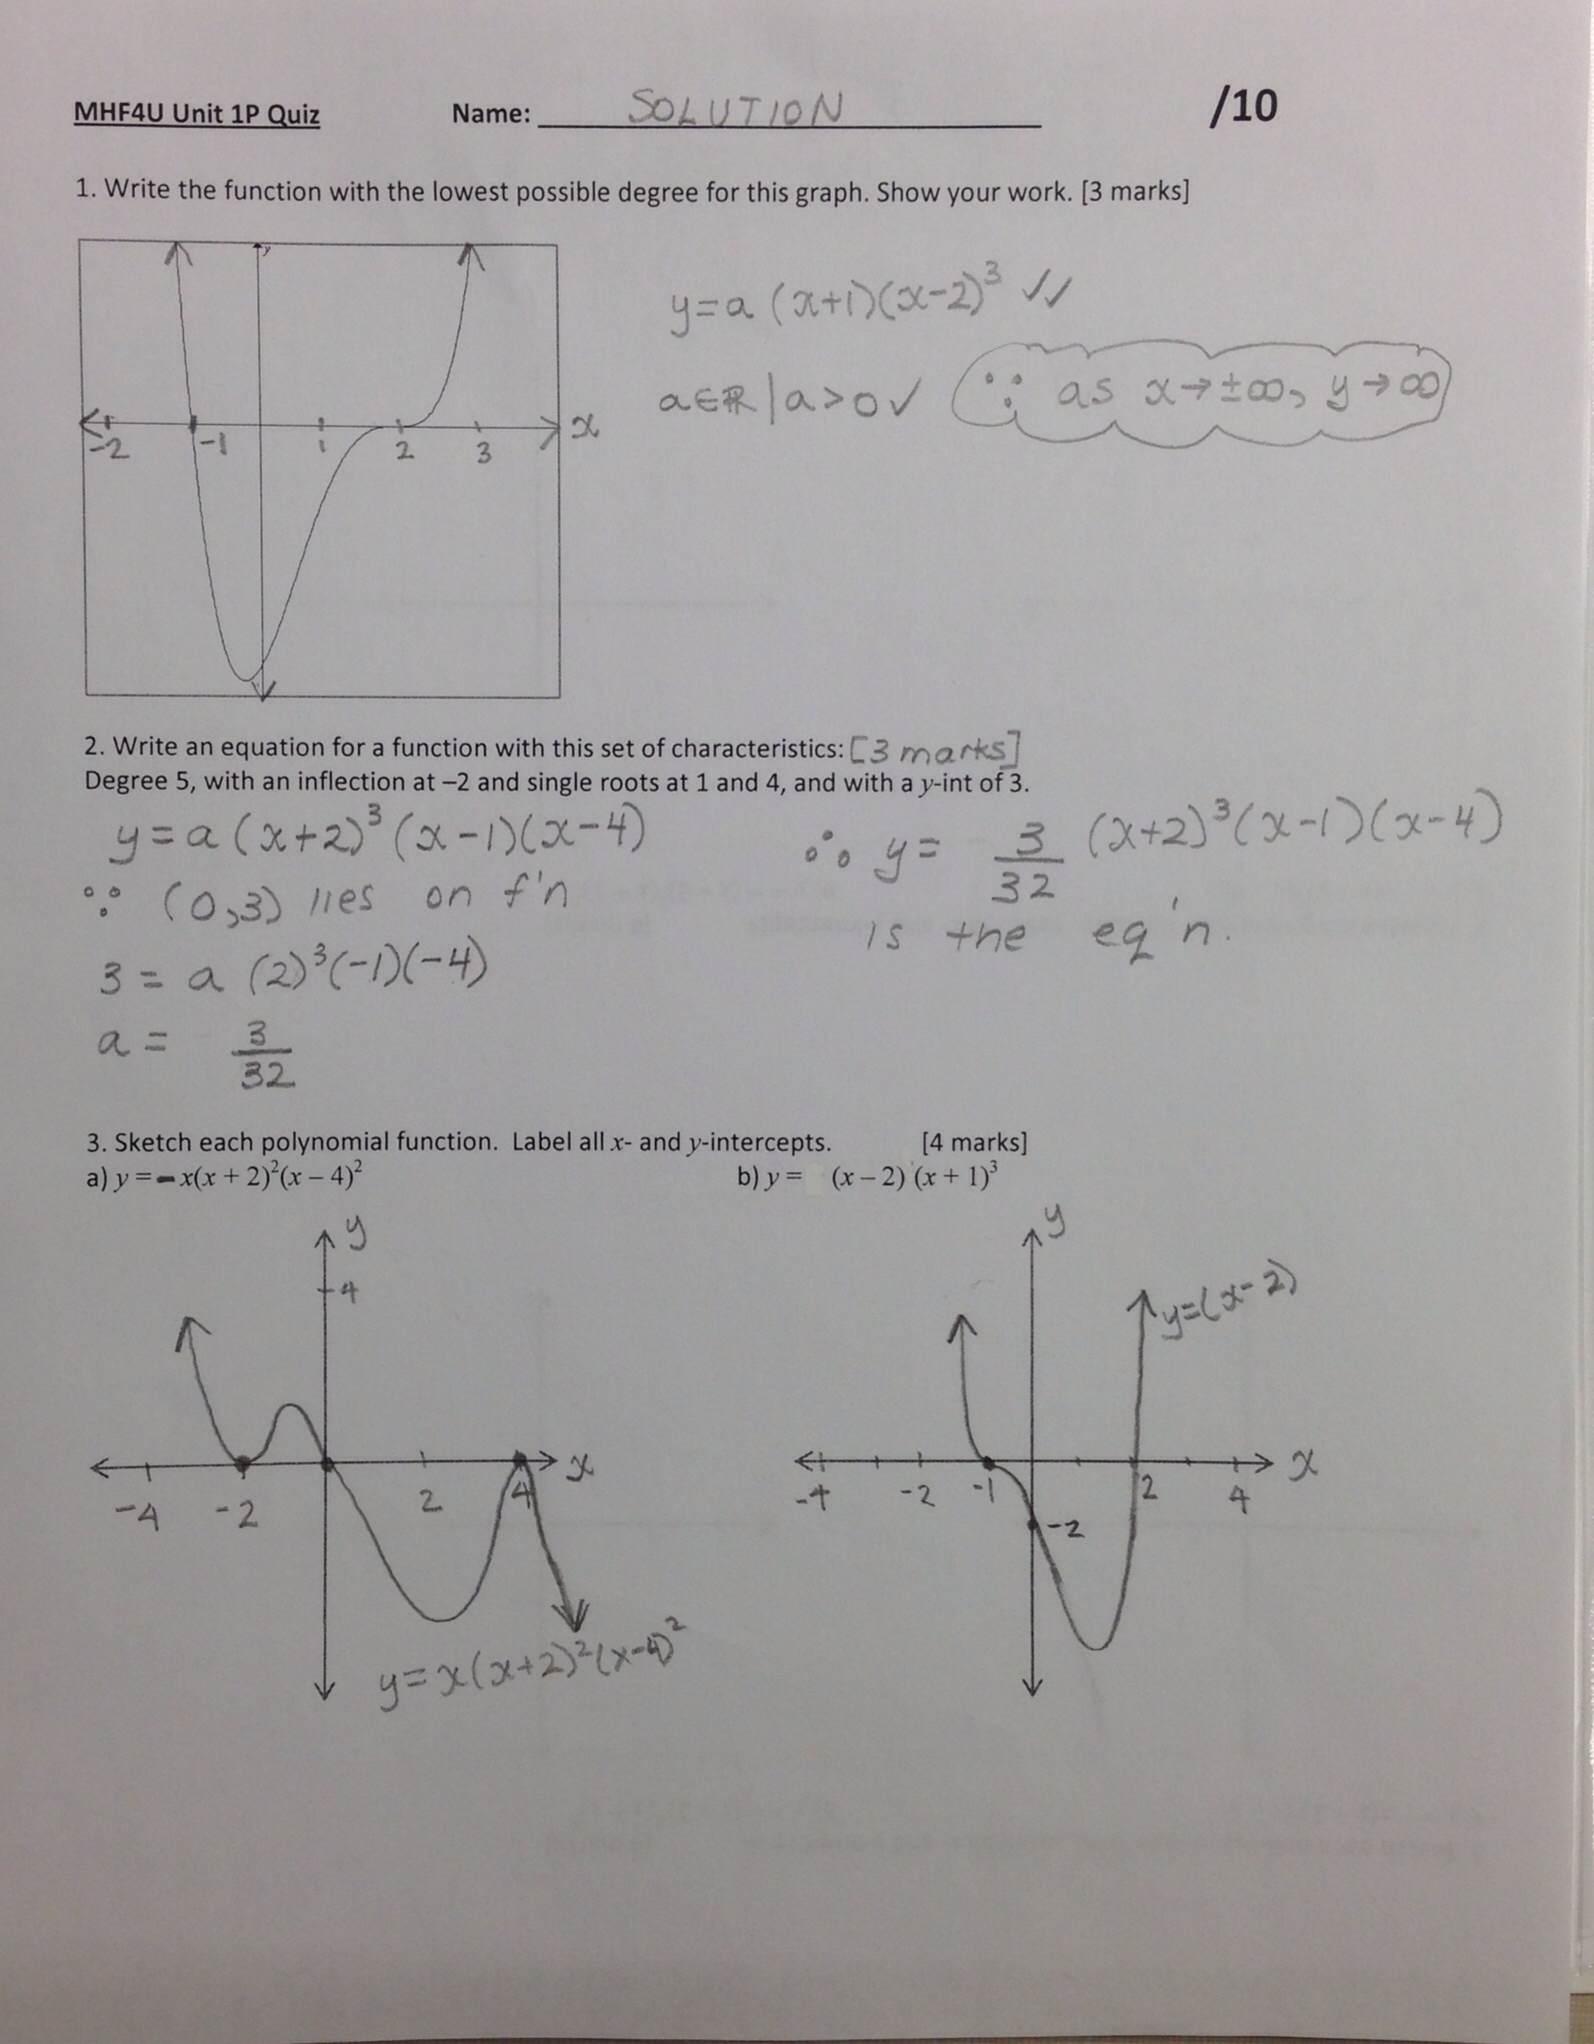 Ms D Silva S Mhf4u Classes